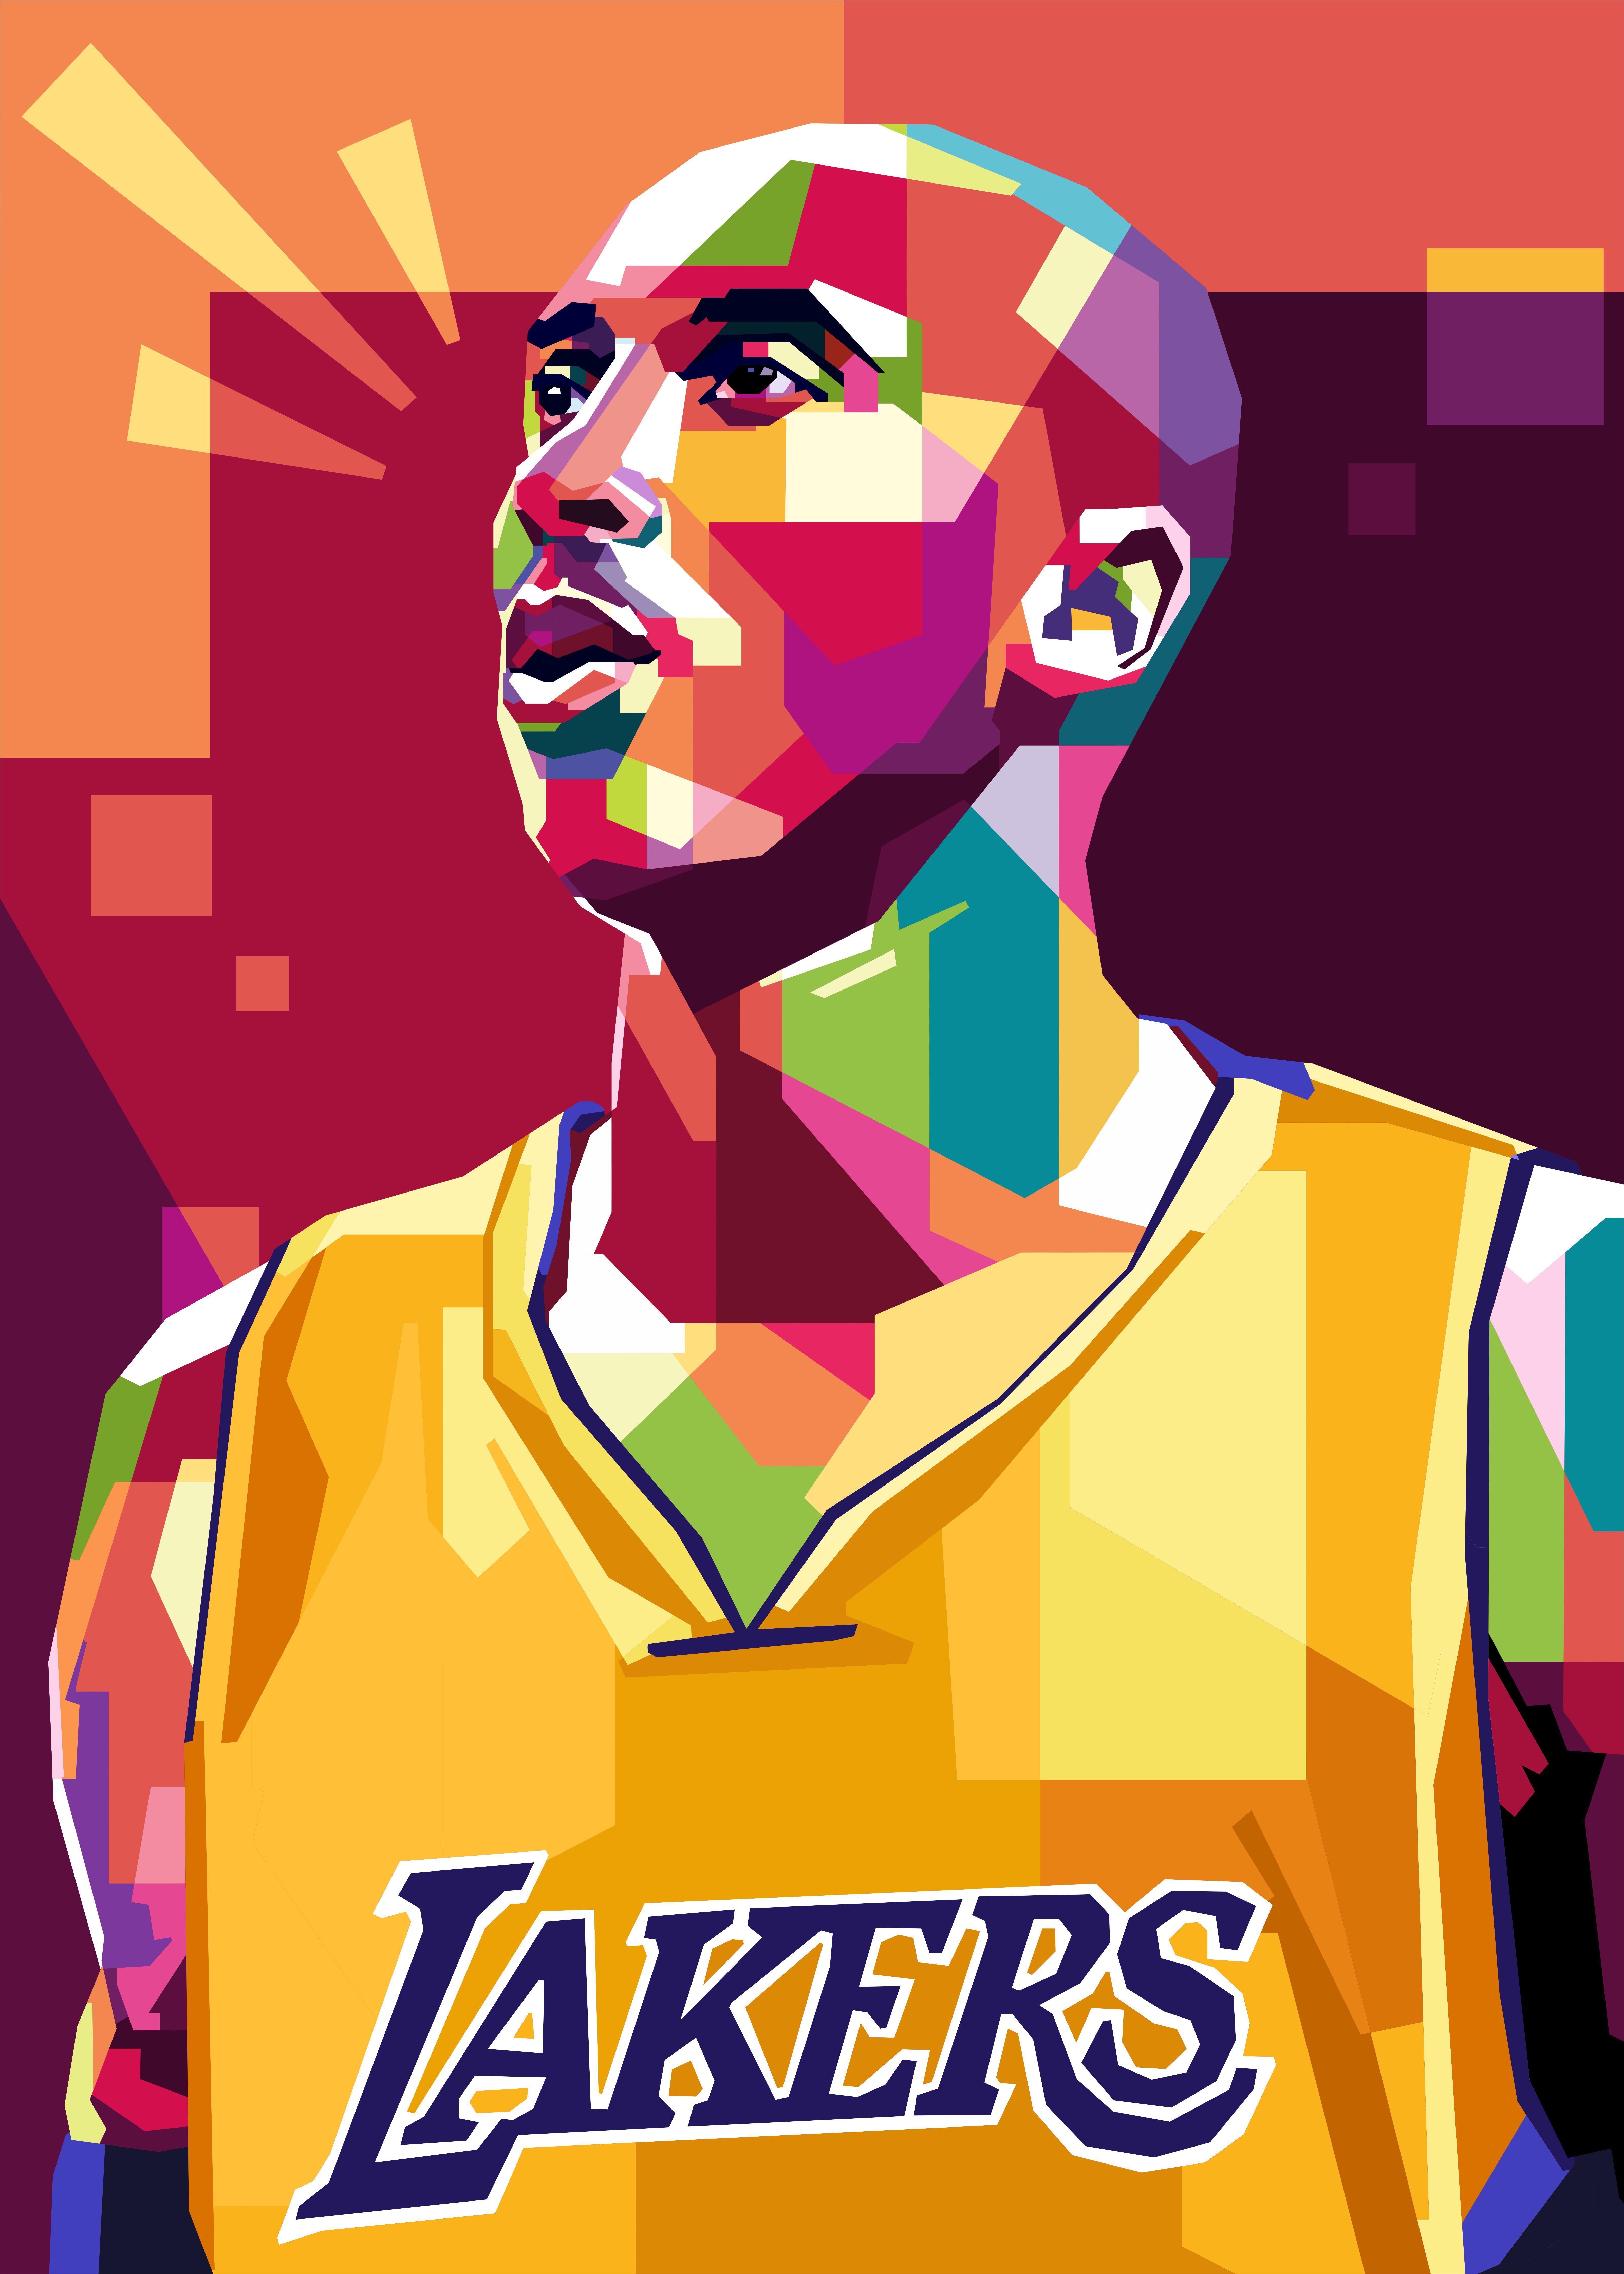 Kobe Bryant Tribute Art In 2020 Kobe Bryant Poster Kobe Bryant Wallpaper Kobe Bryant Pictures